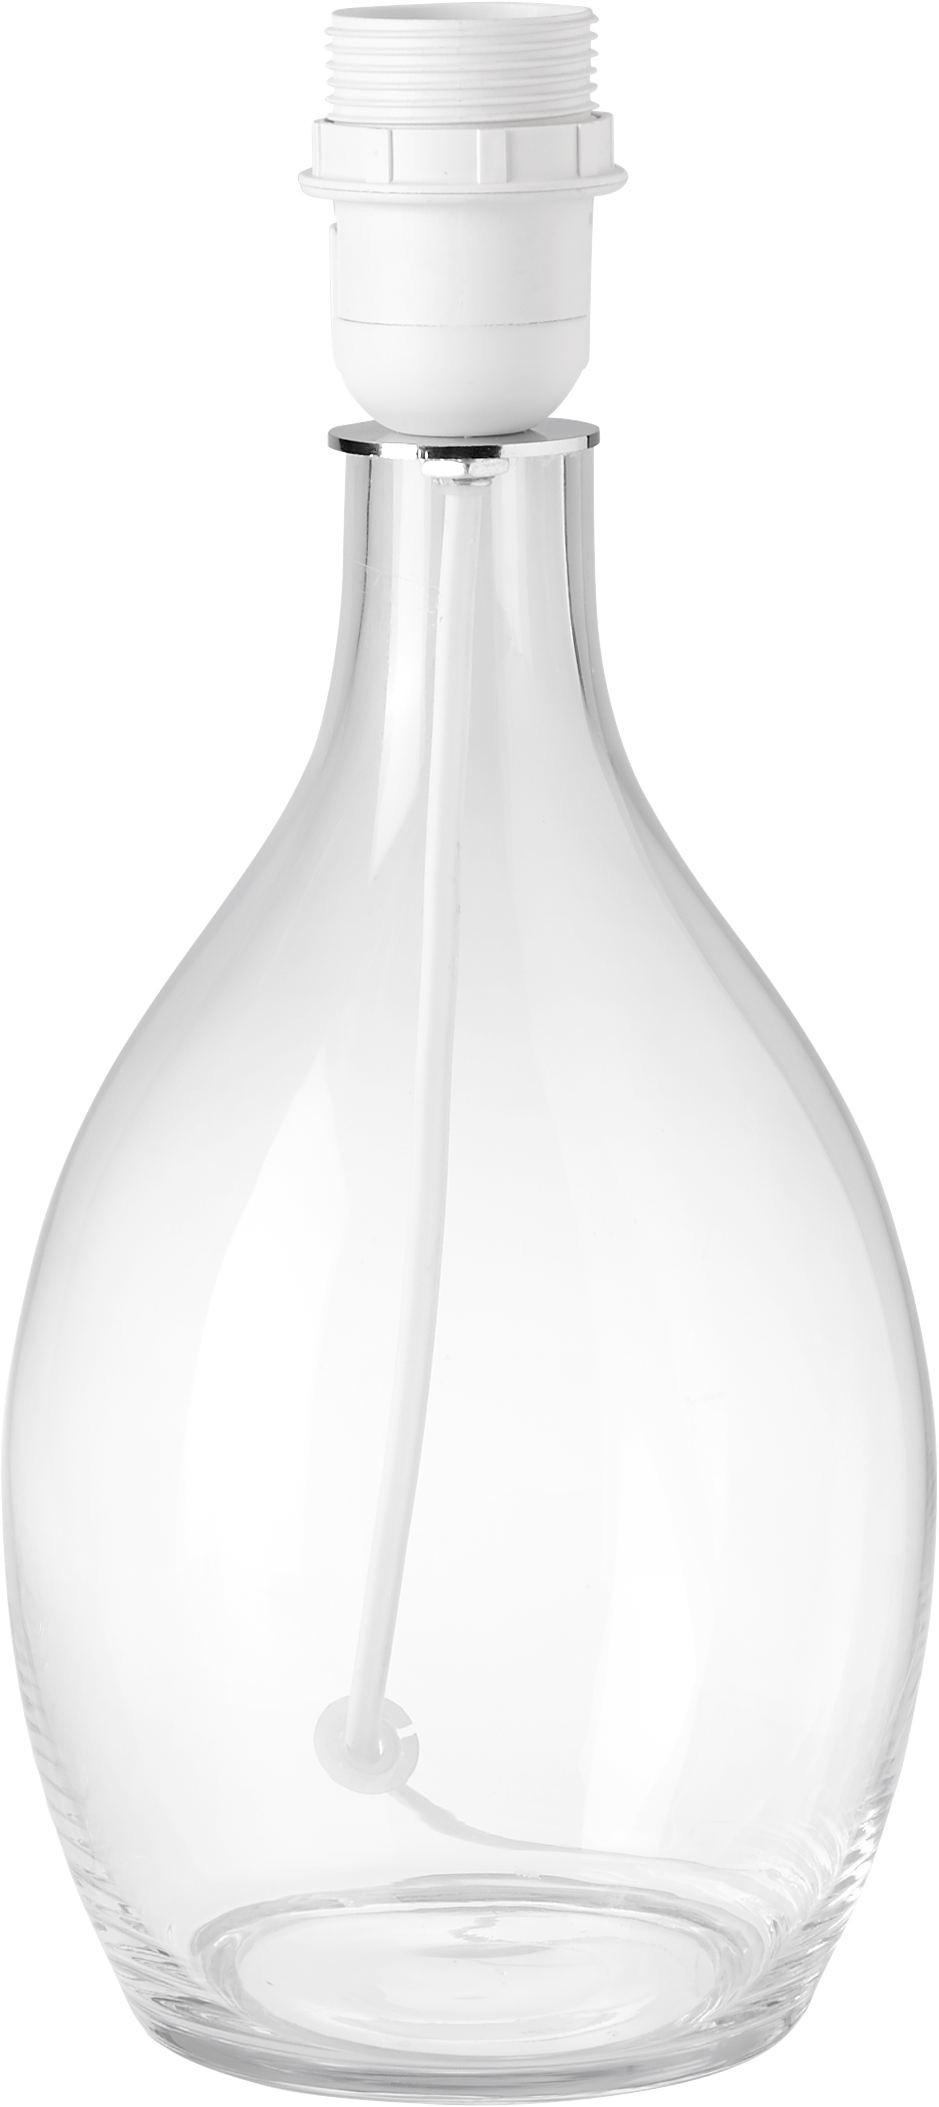 Leuchtenfuß Elsa aus Glas und Kunststoff - Transparent/Weiß, Glas/Kunststoff (14/31cm) - MÖMAX modern living